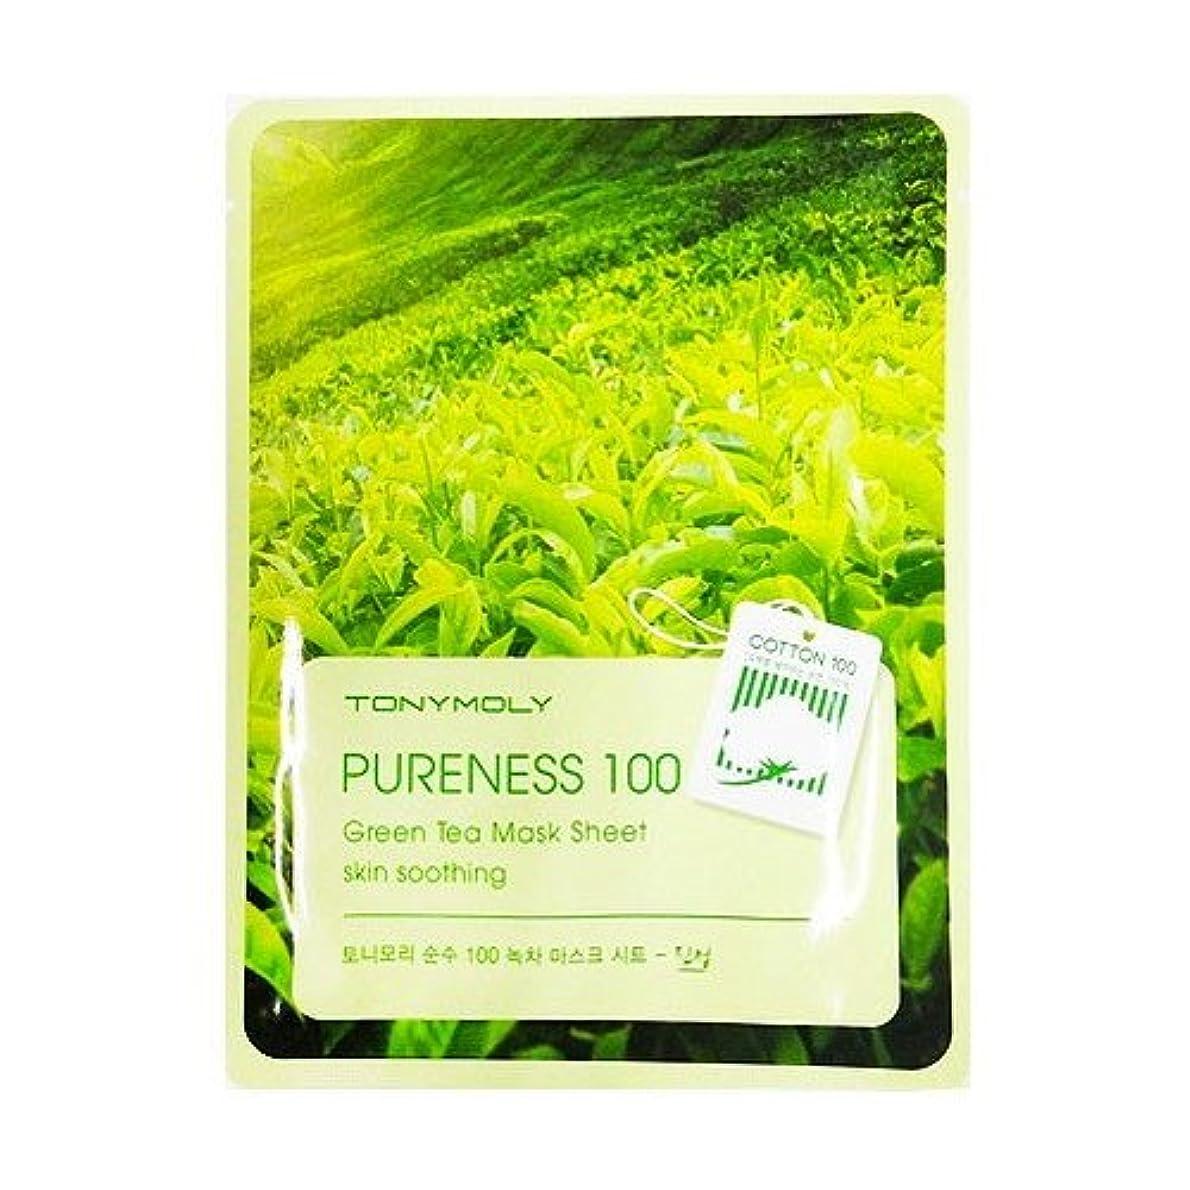 持つ定期的に子供時代(6 Pack) TONYMOLY Pureness 100 Green Tea Mask Sheet Skin Soothing (並行輸入品)